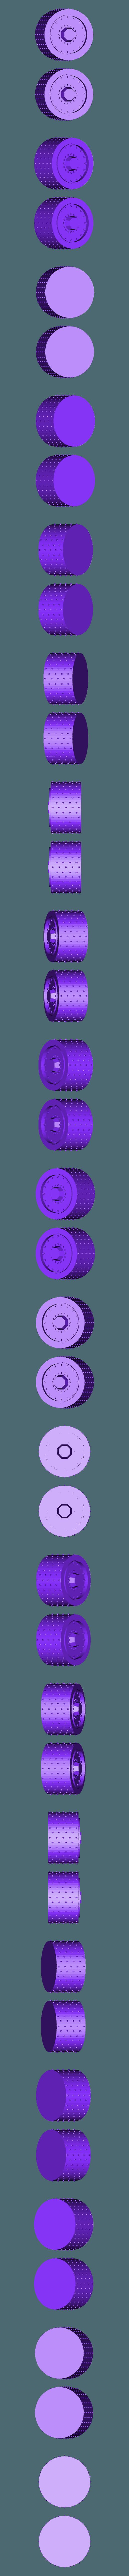 skull_hammer_wheels.stl Télécharger fichier STL gratuit Demi-rail à vapeur / orque / orque • Modèle pour impression 3D, redstarkits